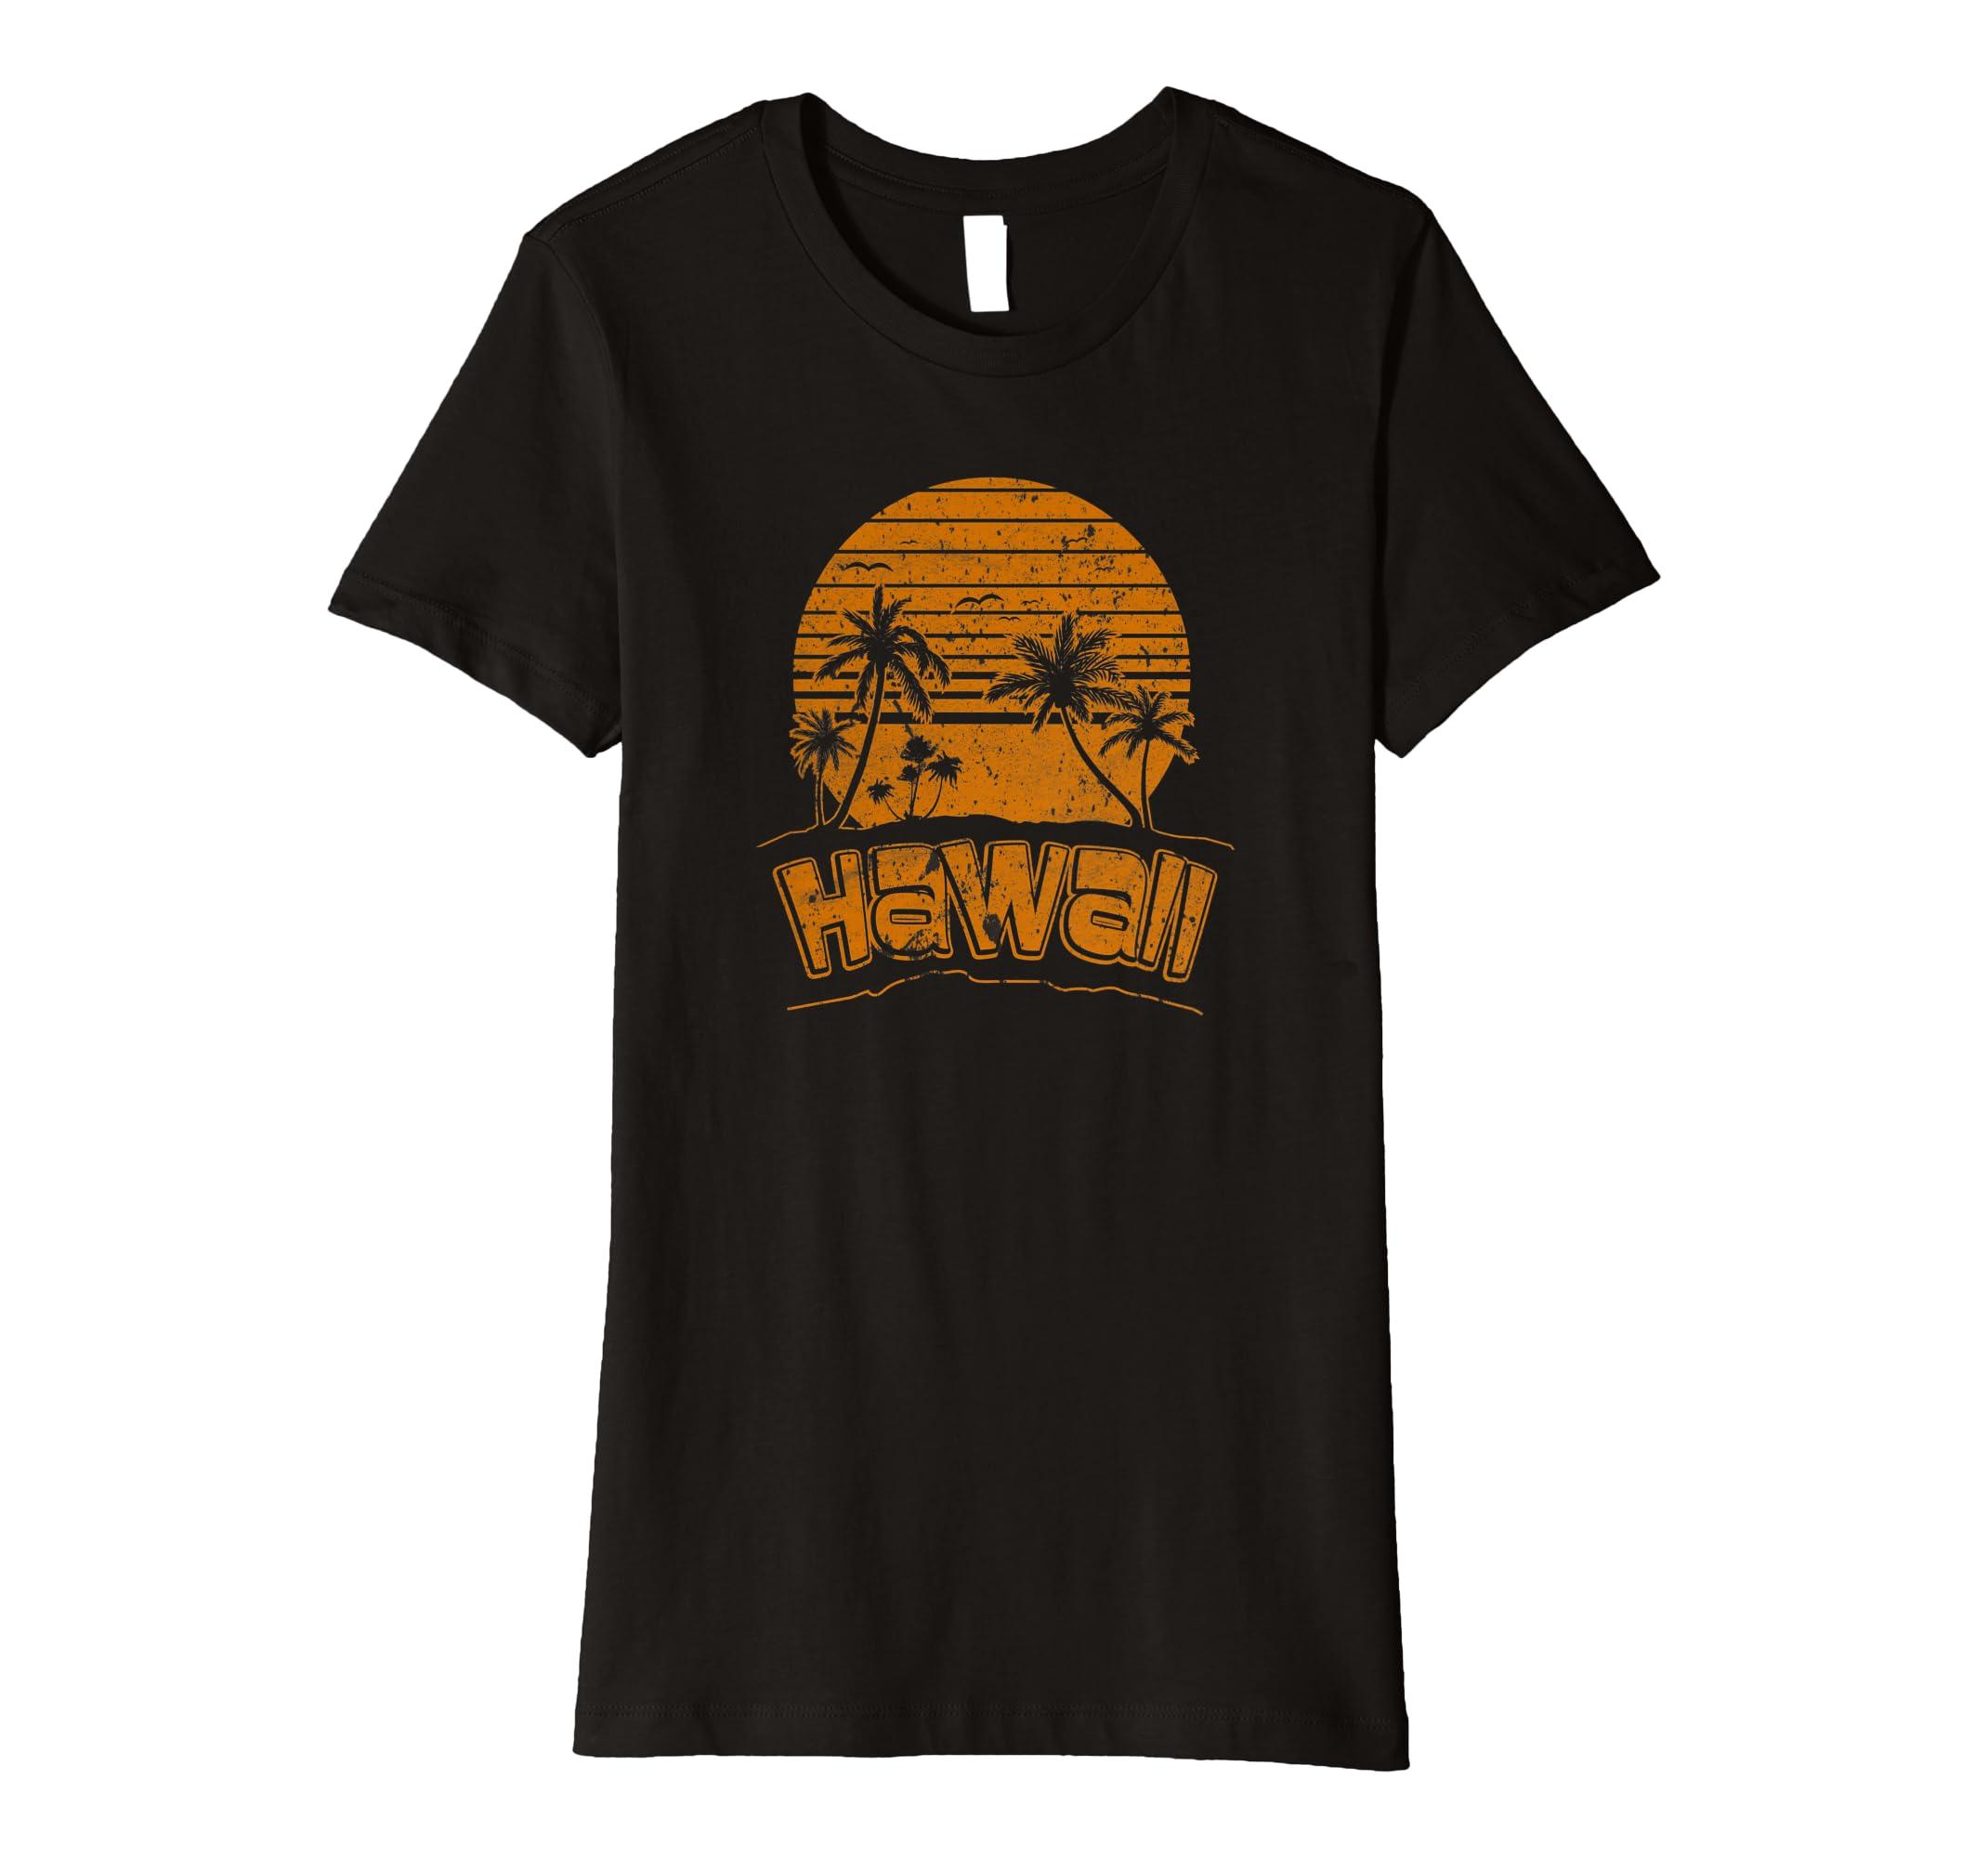 9e68696e Amazon.com: Hawaiian Island Beach Paradise T-Shirt Hawaii Paradise Tee:  Clothing